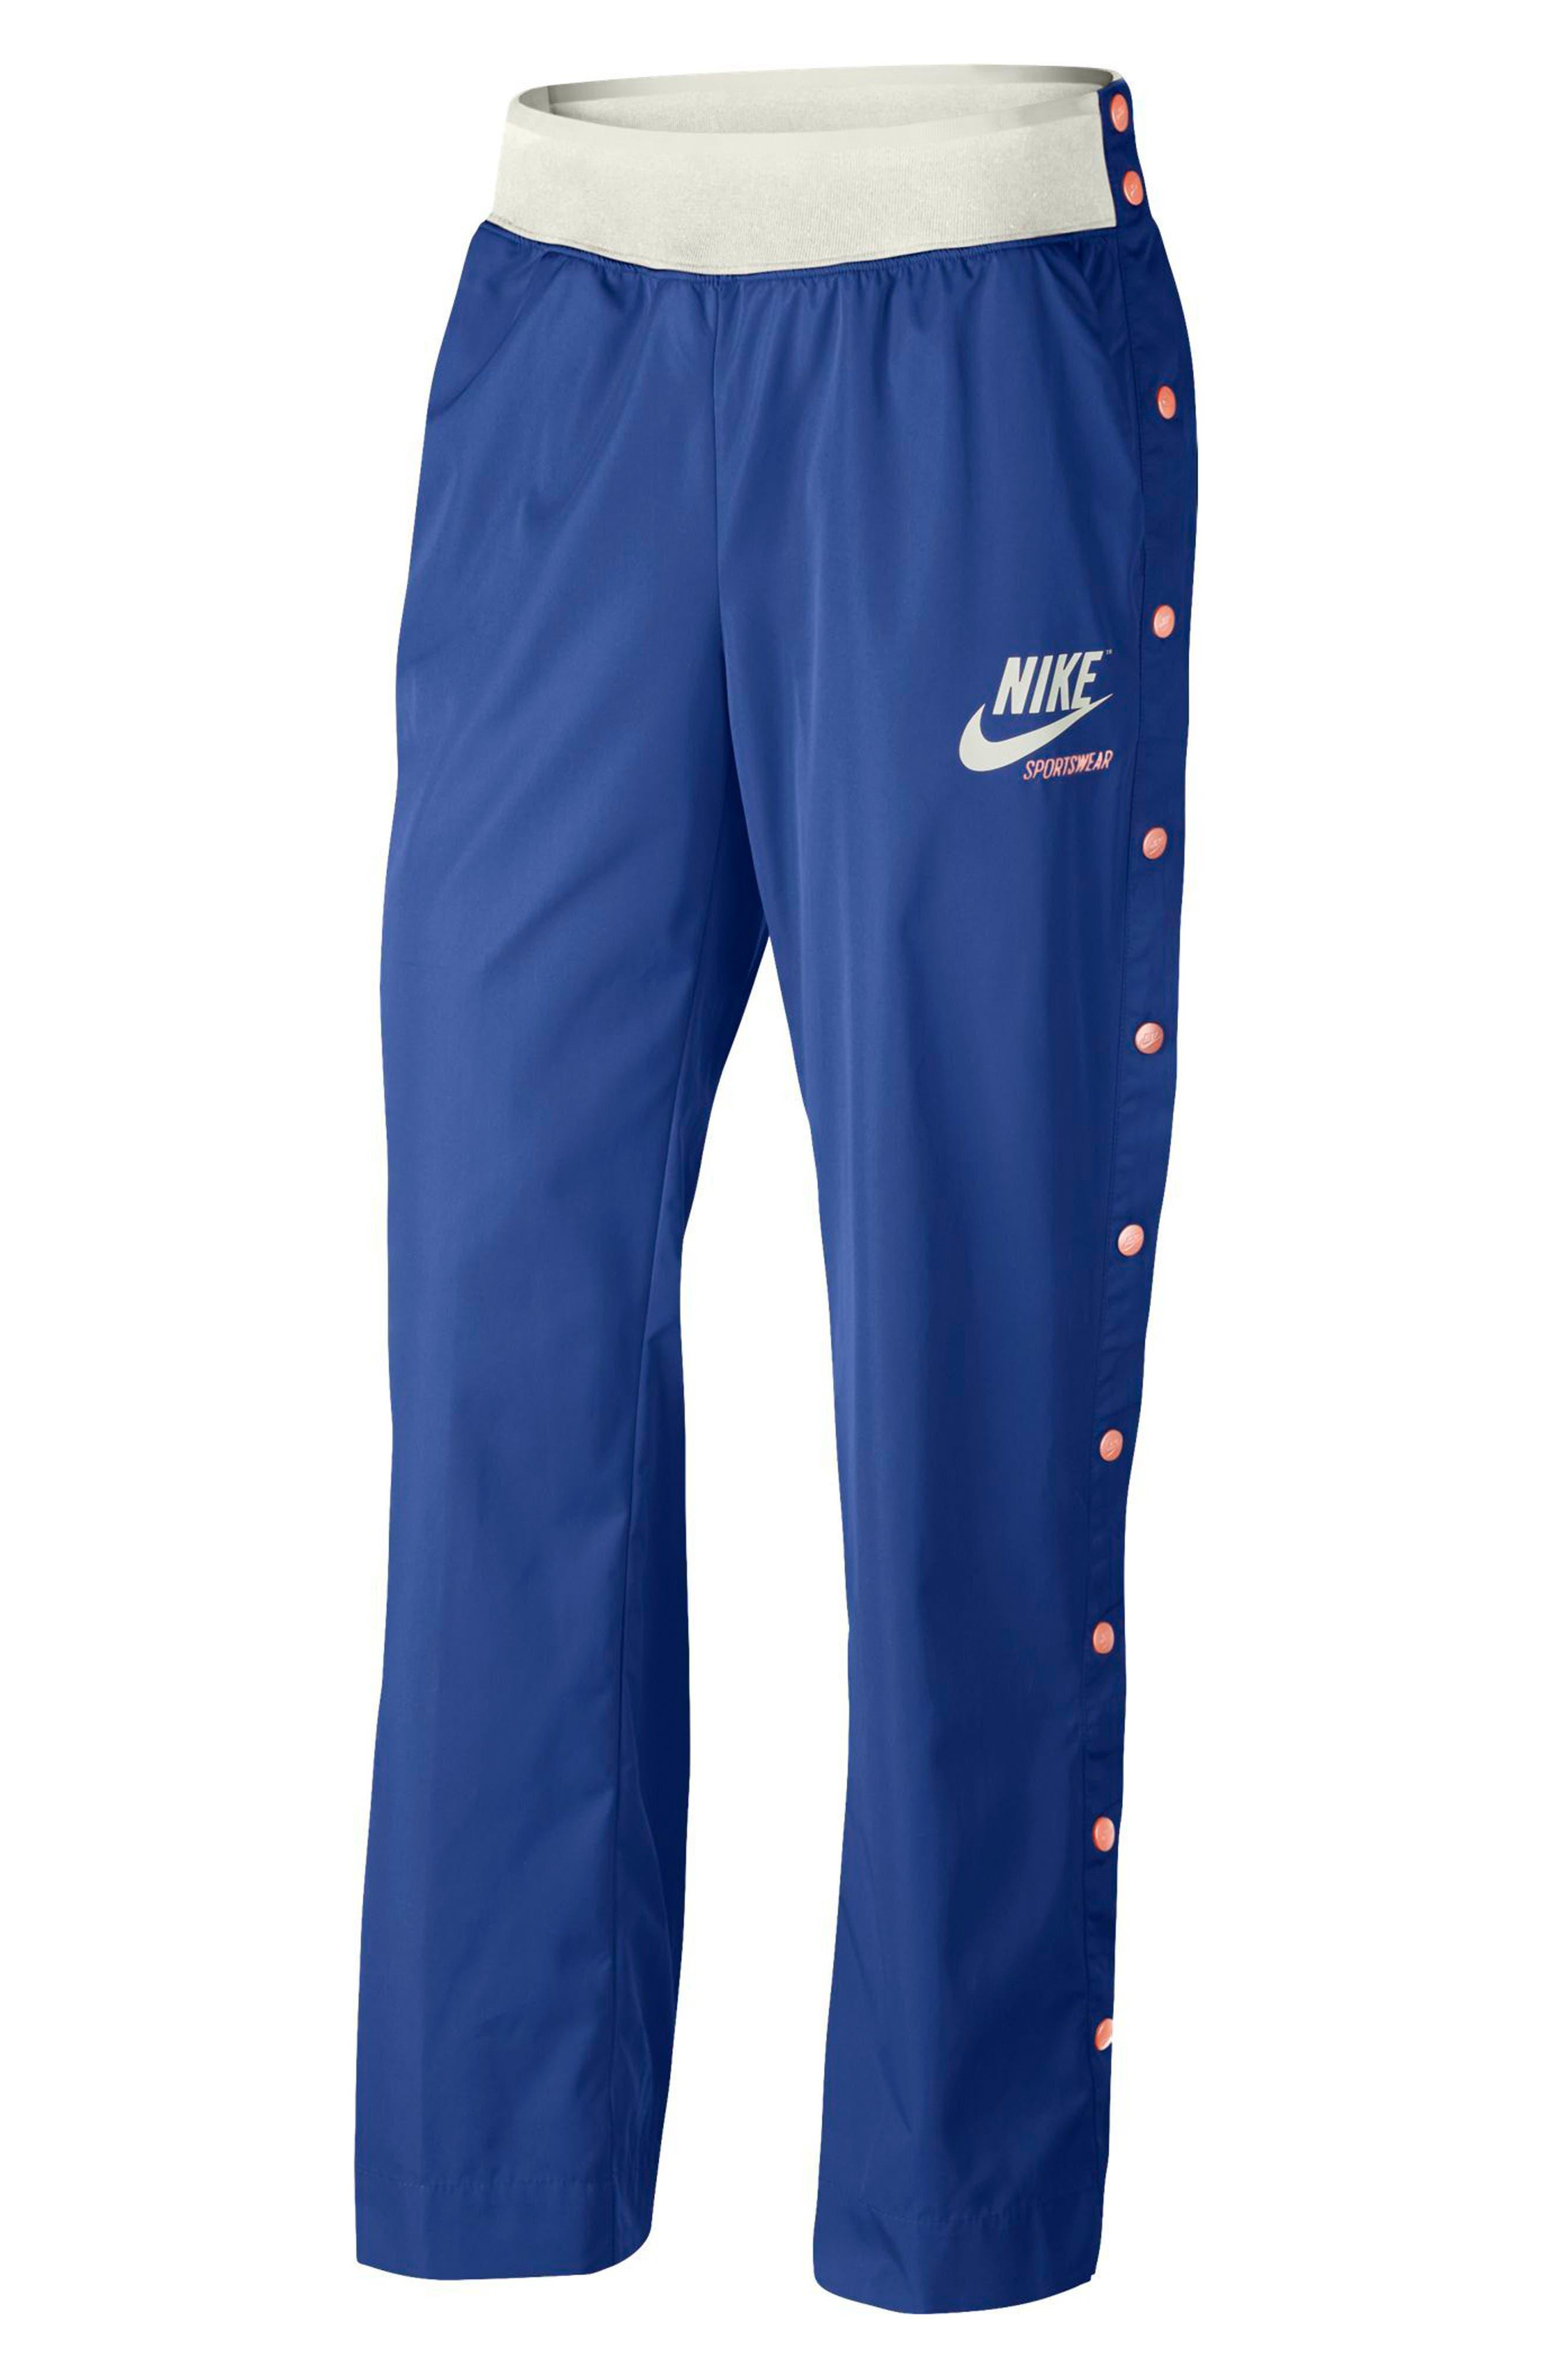 Main Image - Nike Sportswear Women's Side Snap Pants